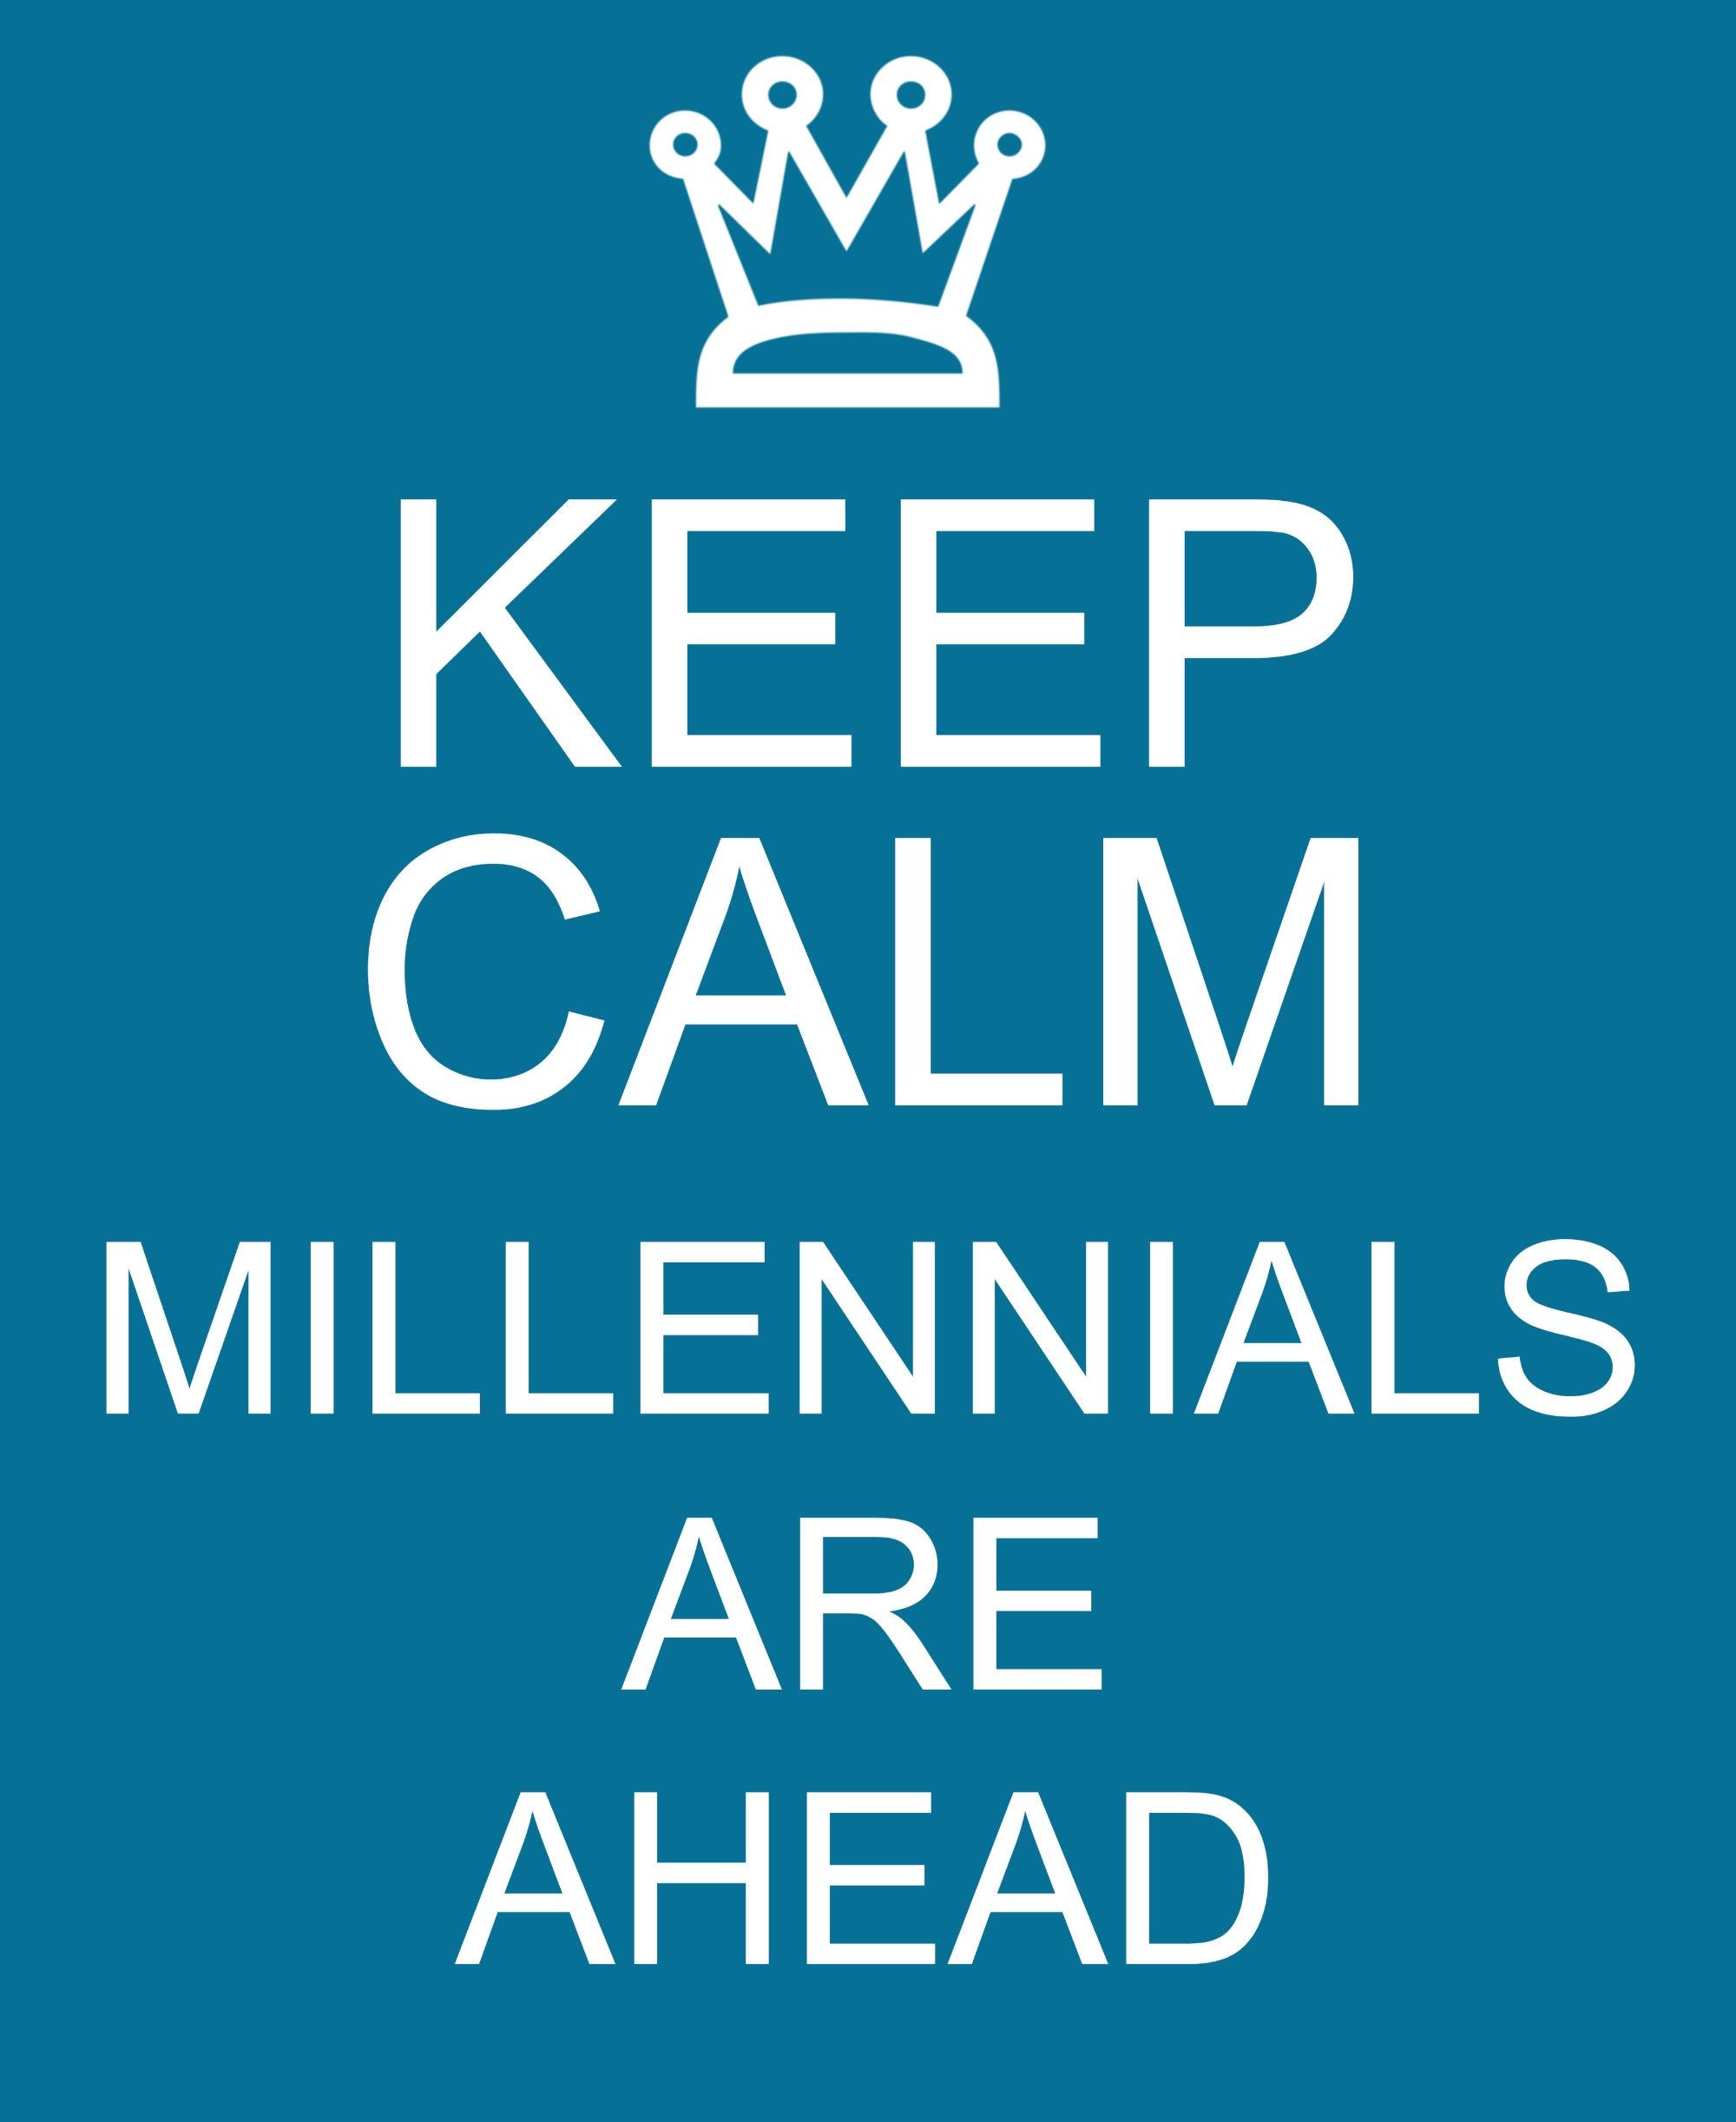 keep calm, millennials are ahead.jpg